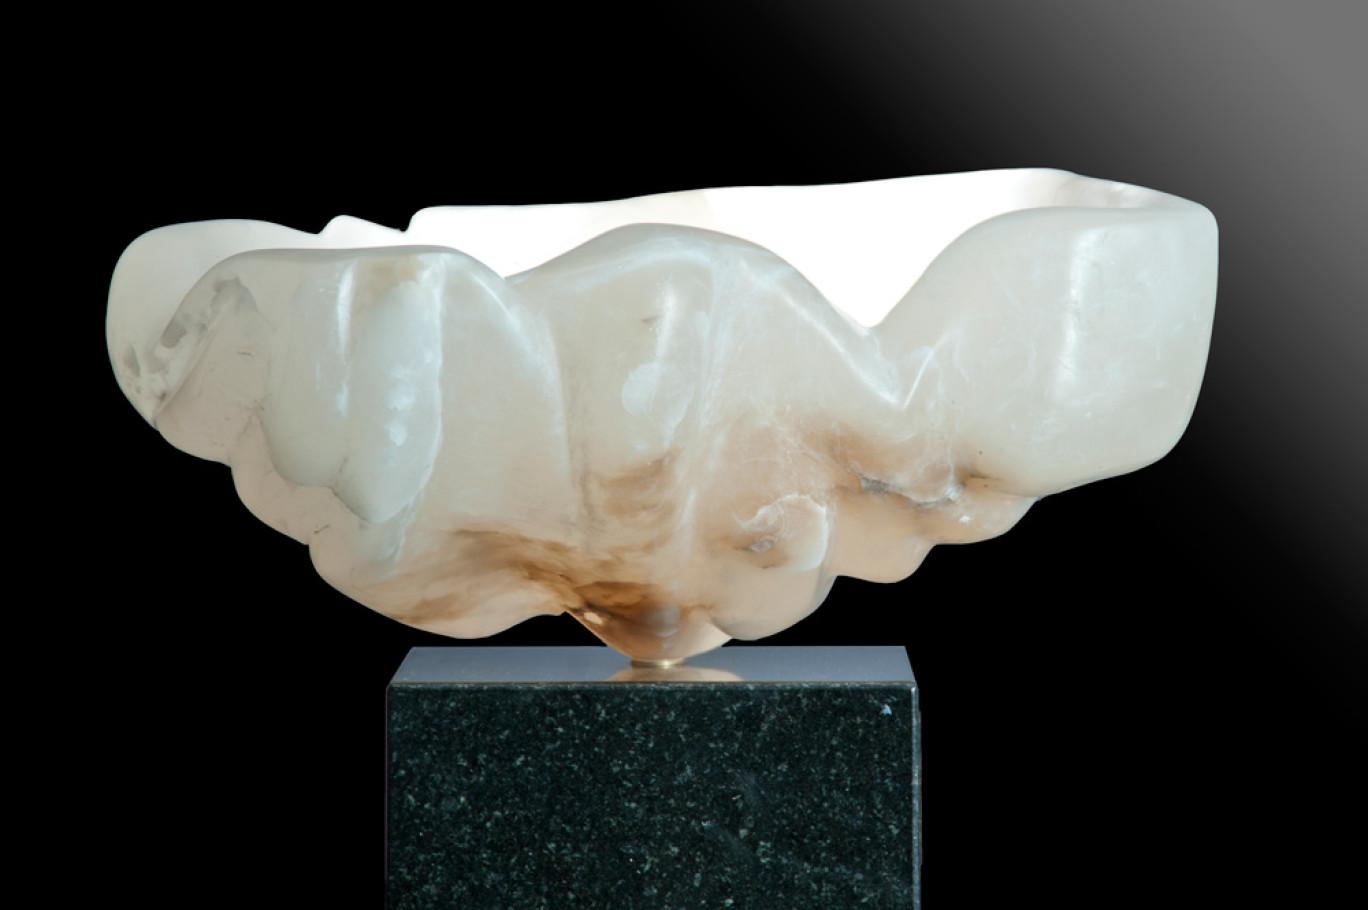 Inspiration of Love - White, Translucent Alabaster Sculpture by Dorit Schwartz